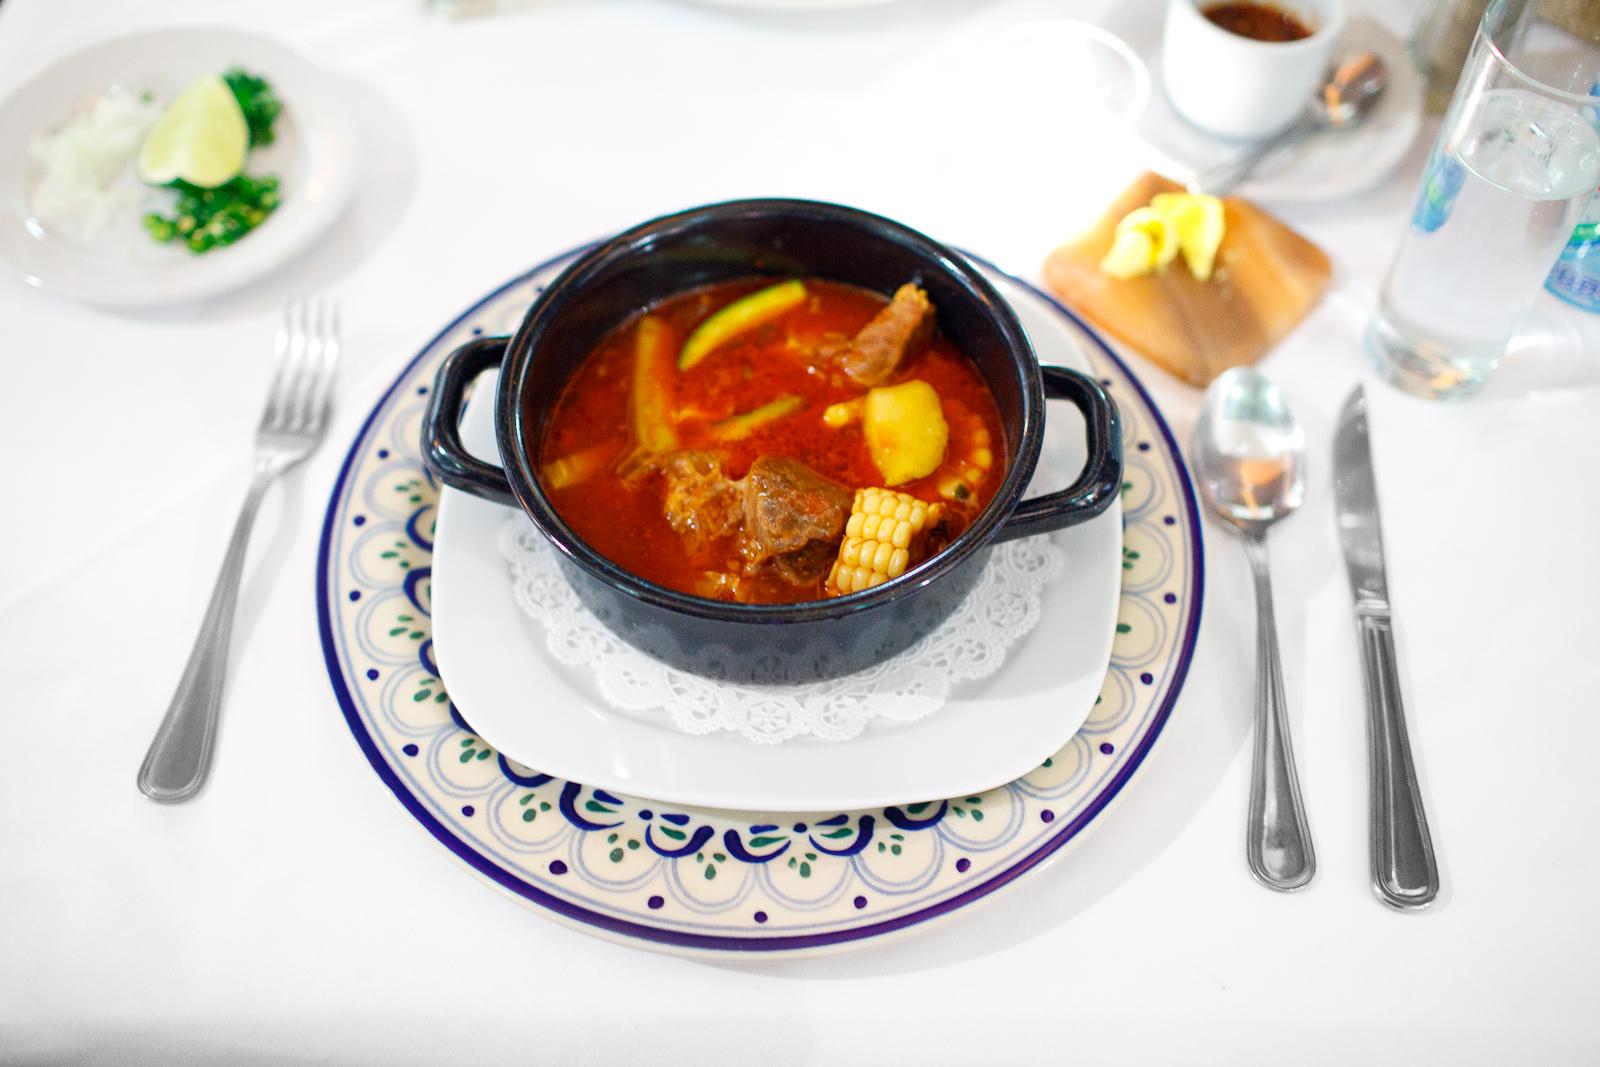 Mole de olla - Trozos de chambarete cocinados en caldillo de jitomate con elotes, calabazas, xoconostle, ejotes, y el grado exacto de picor (Pueblan beef tomato stew with corn, squash, opuntia,beans)